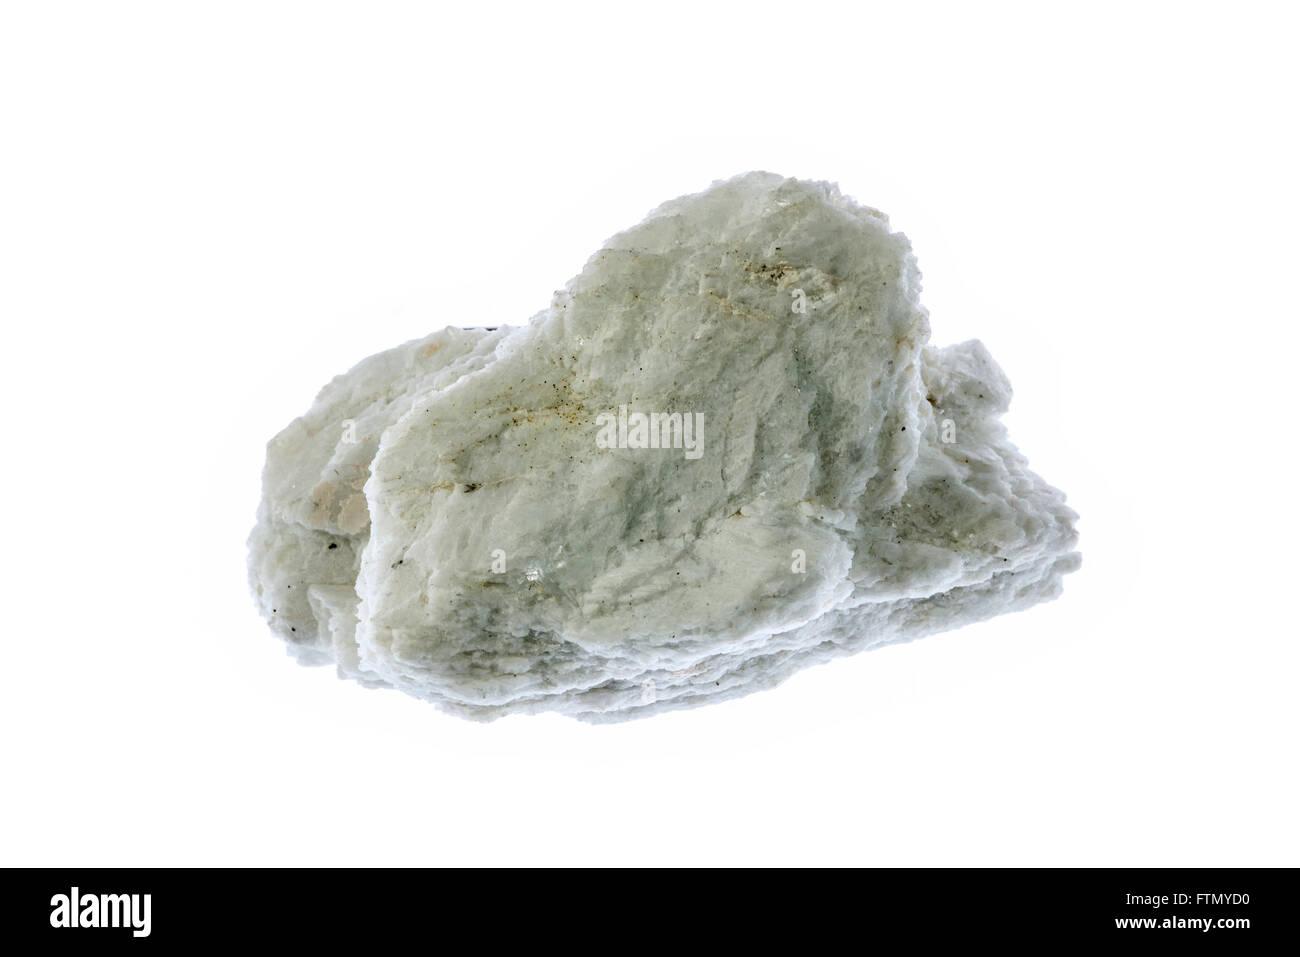 Albite, plagioclase feldspar mineral specimen on white background - Stock Image